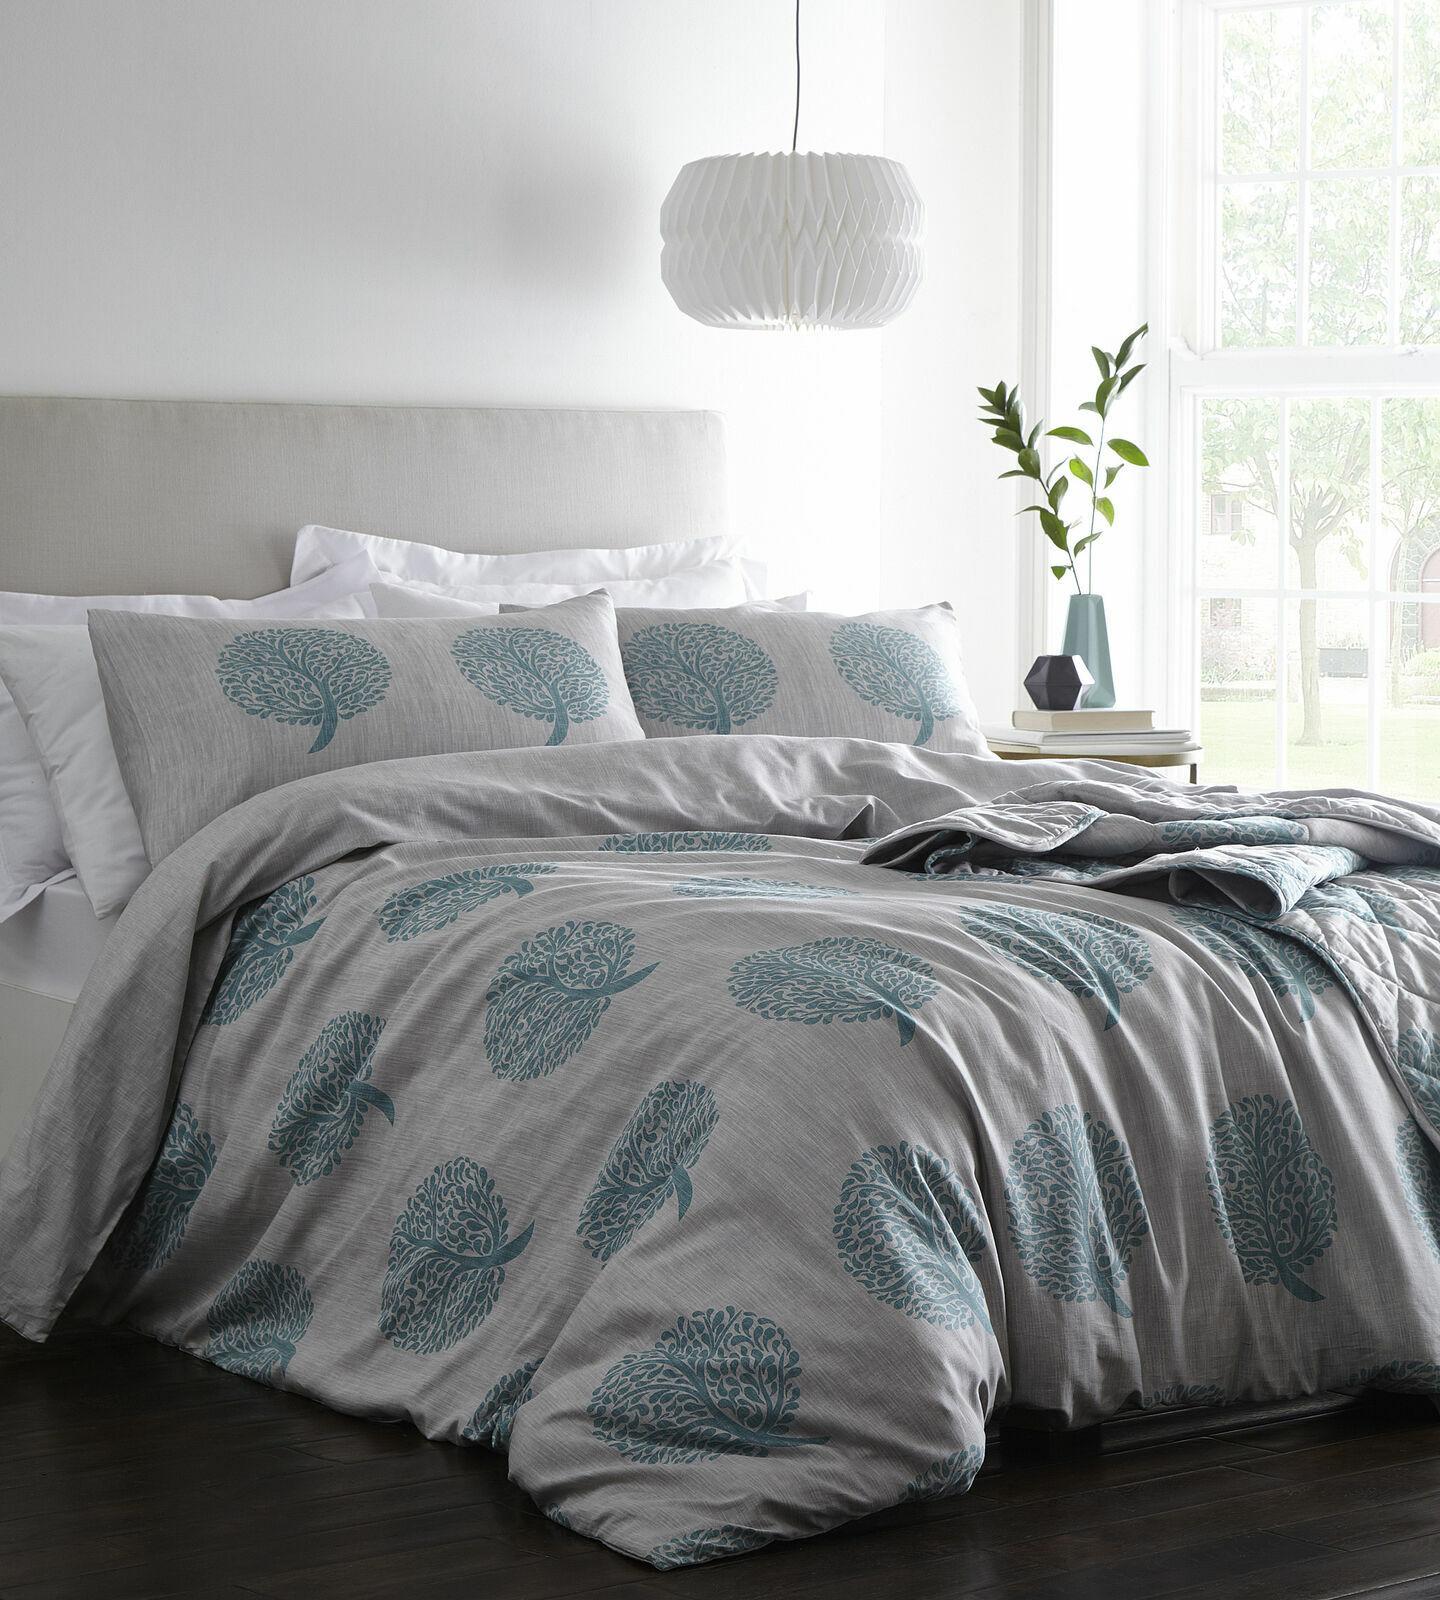 Bettwäsche Luxury Dots Stone Grau 4062 09 Streifen Punkte Mako Satin Bettwaren, -wäsche & Matratzen Joop